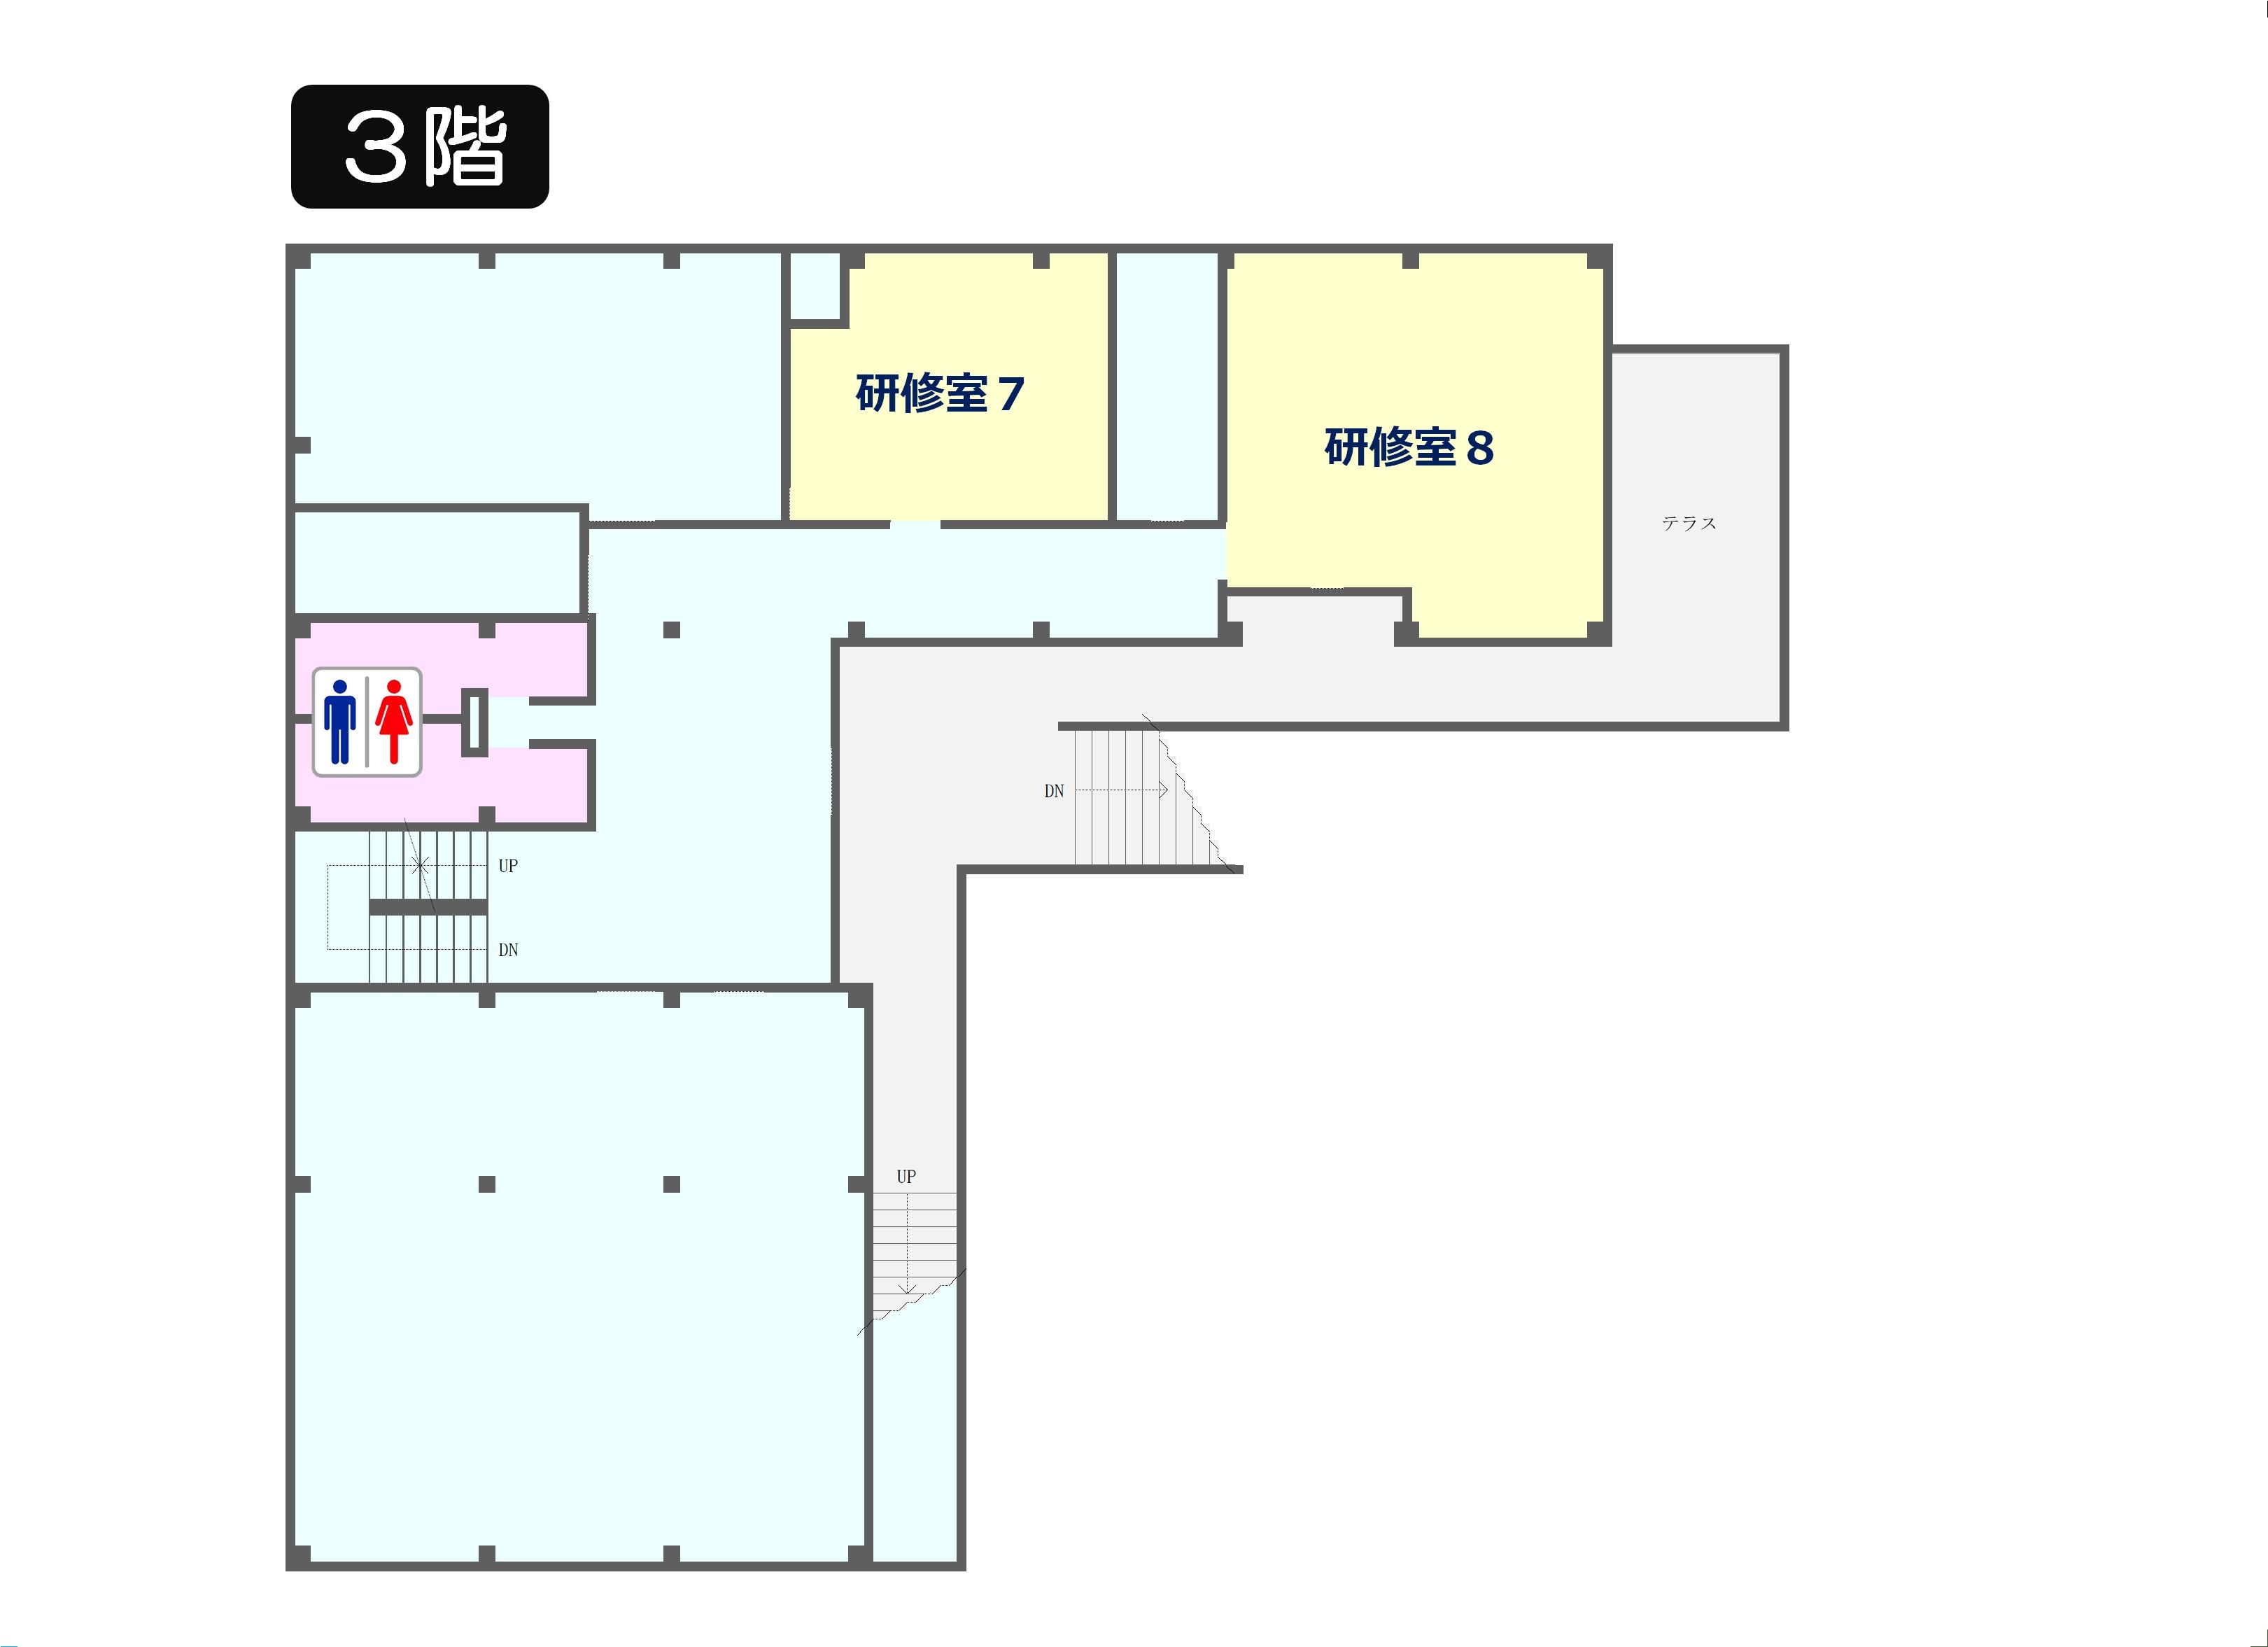 『『『新3階』の画像』の画像』の画像